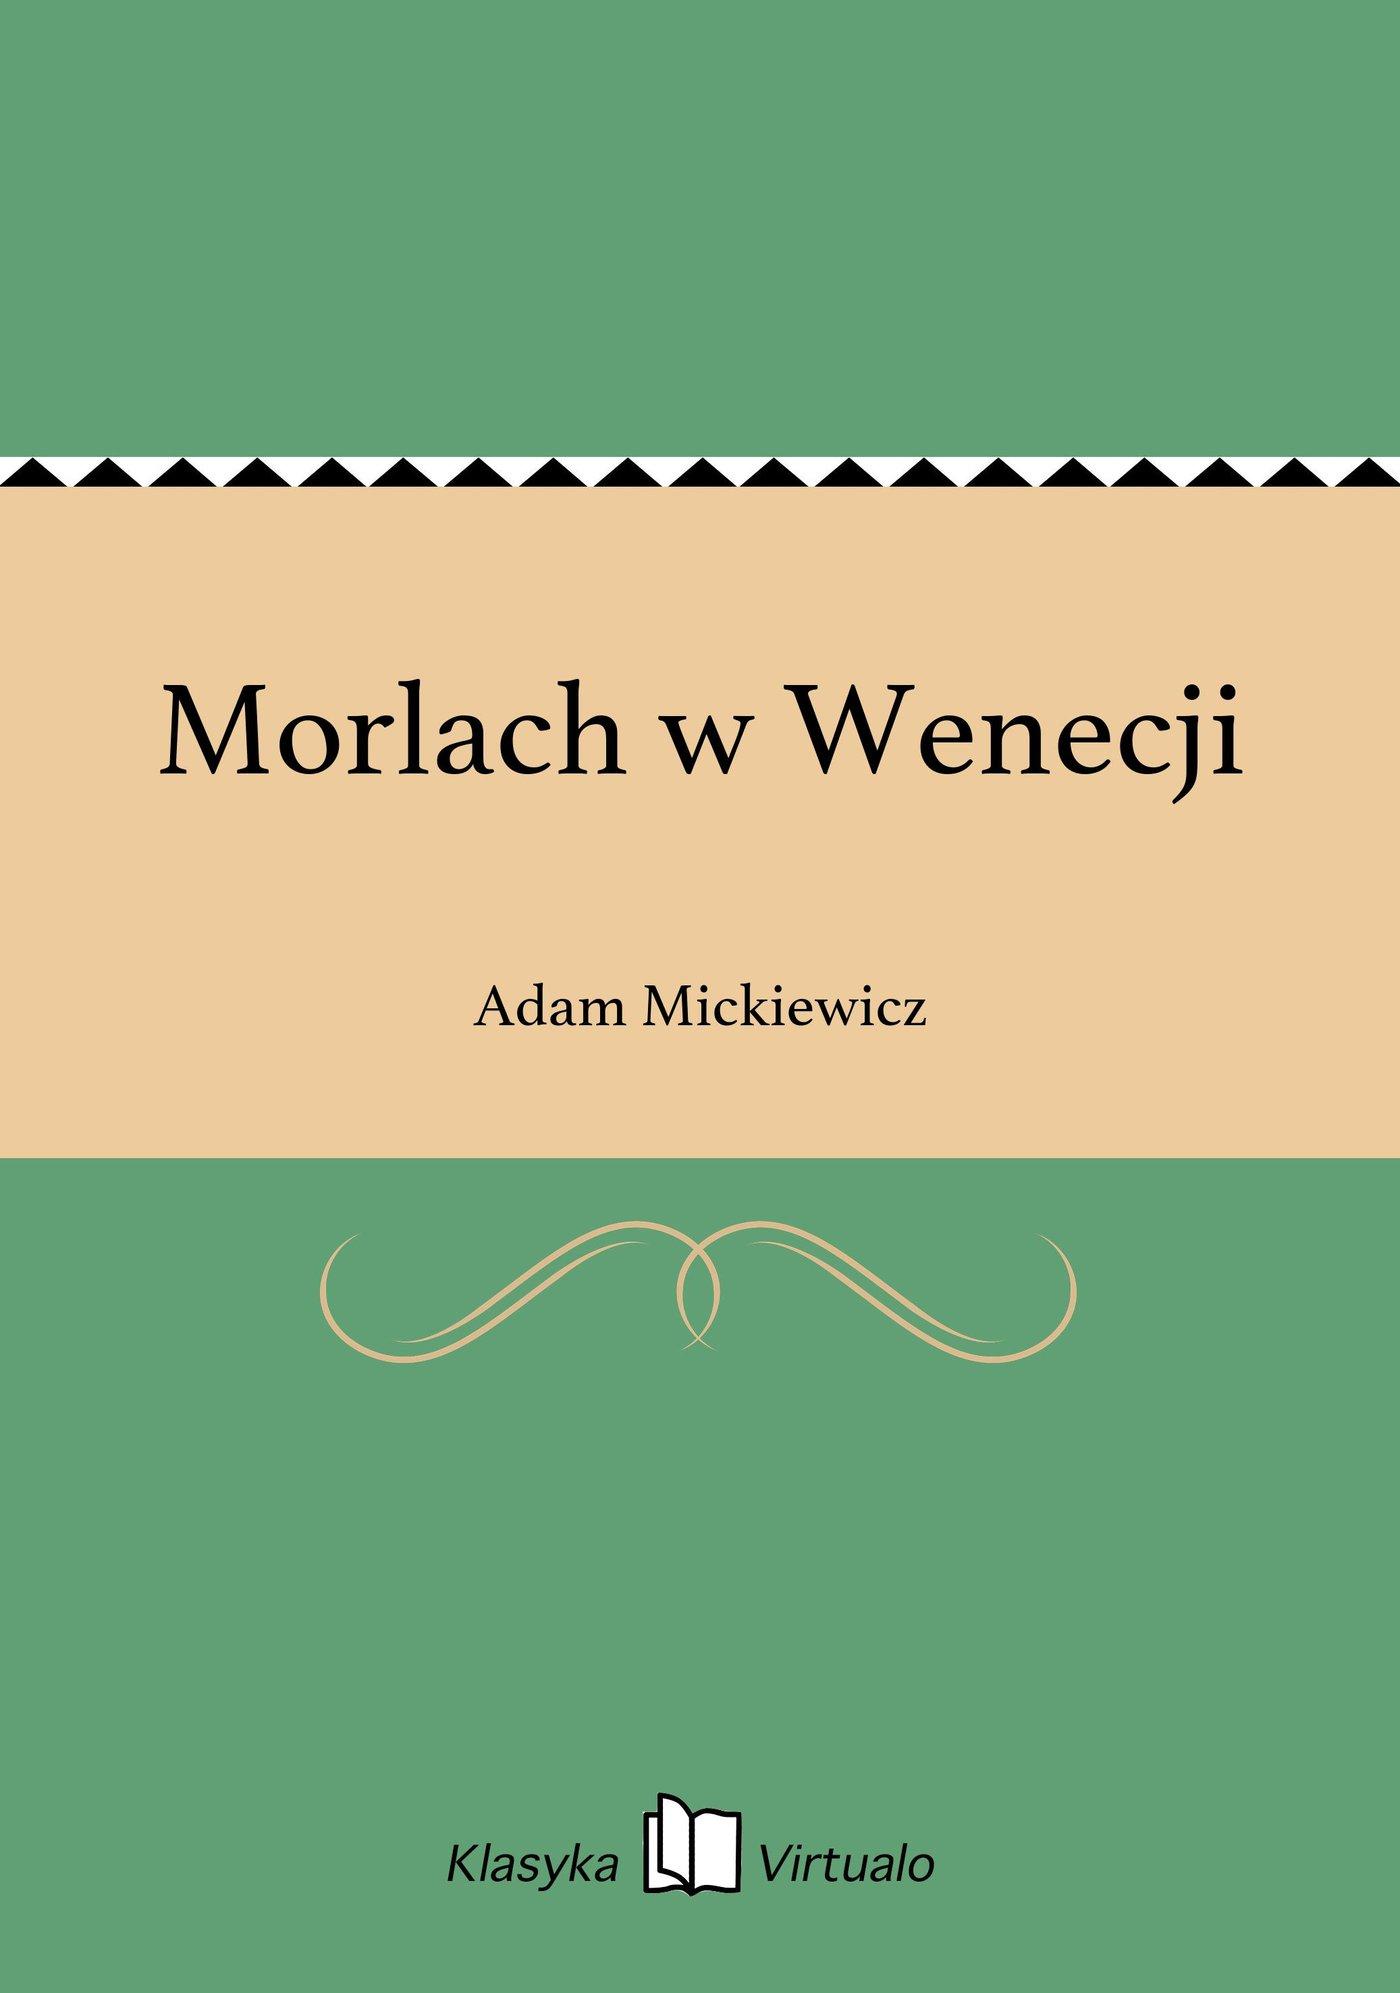 Morlach w Wenecji - Ebook (Książka EPUB) do pobrania w formacie EPUB